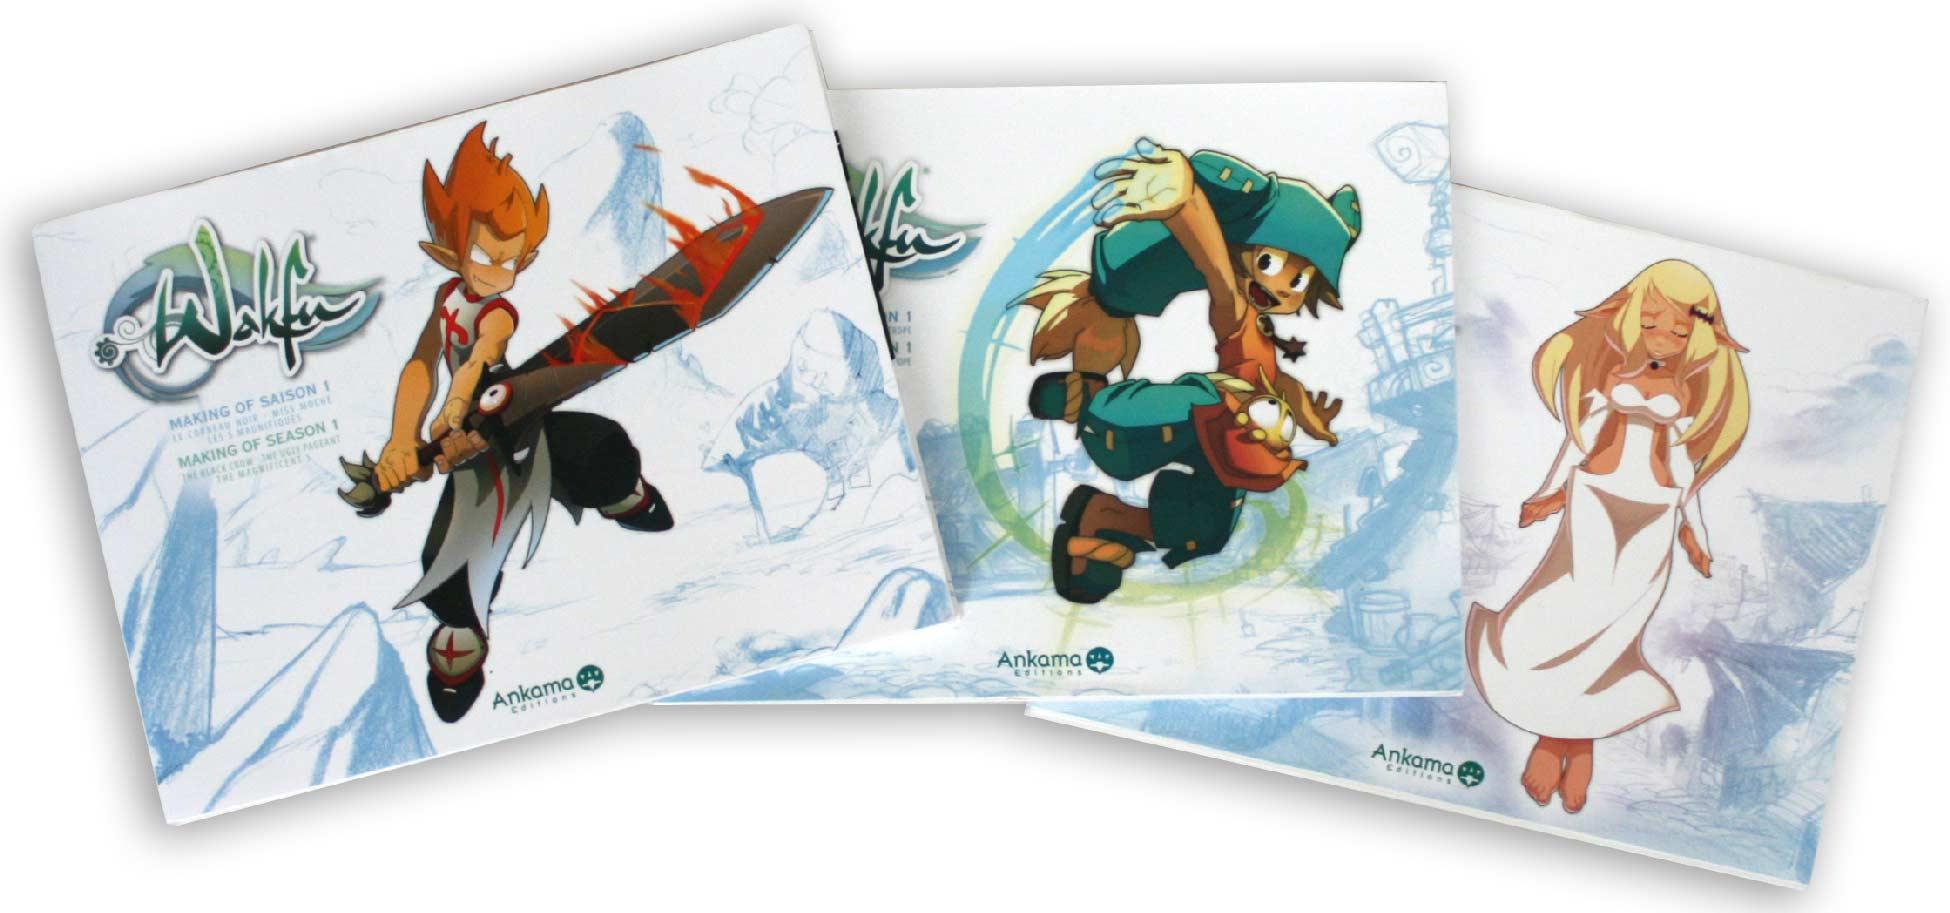 Les trois Art book tirés de la saison 1 de Wakfu